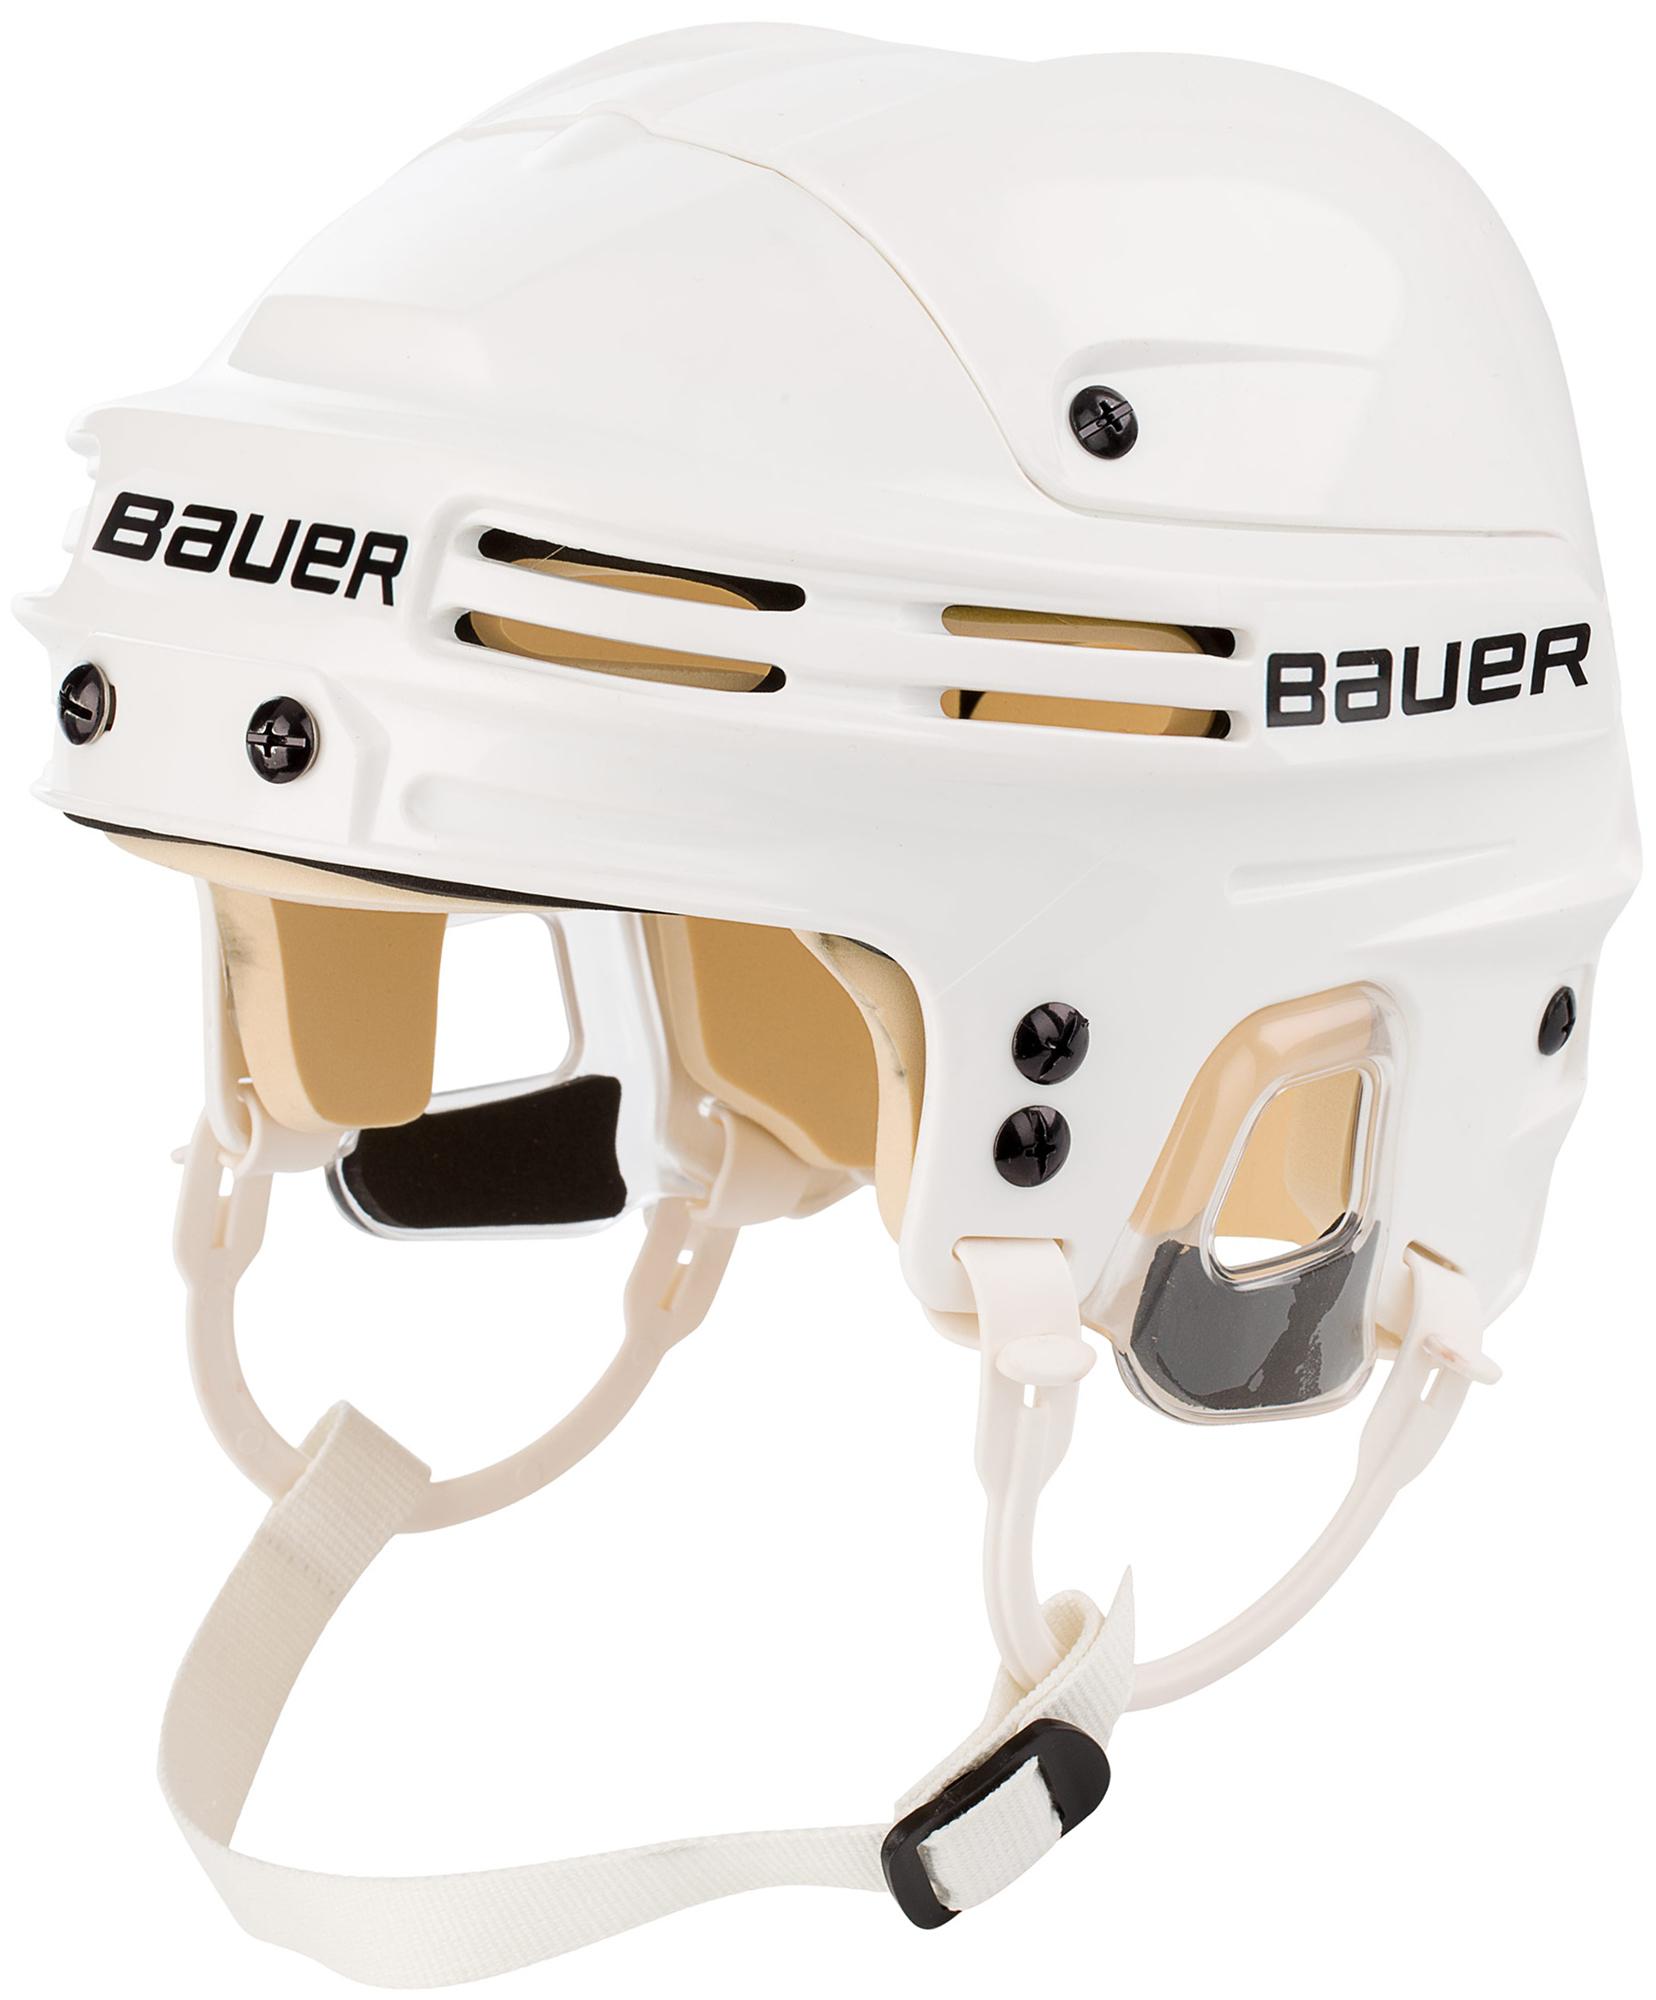 Bauer Шлем хоккейный Bauer 4500 шлем хоккейный bauer bauer re akt